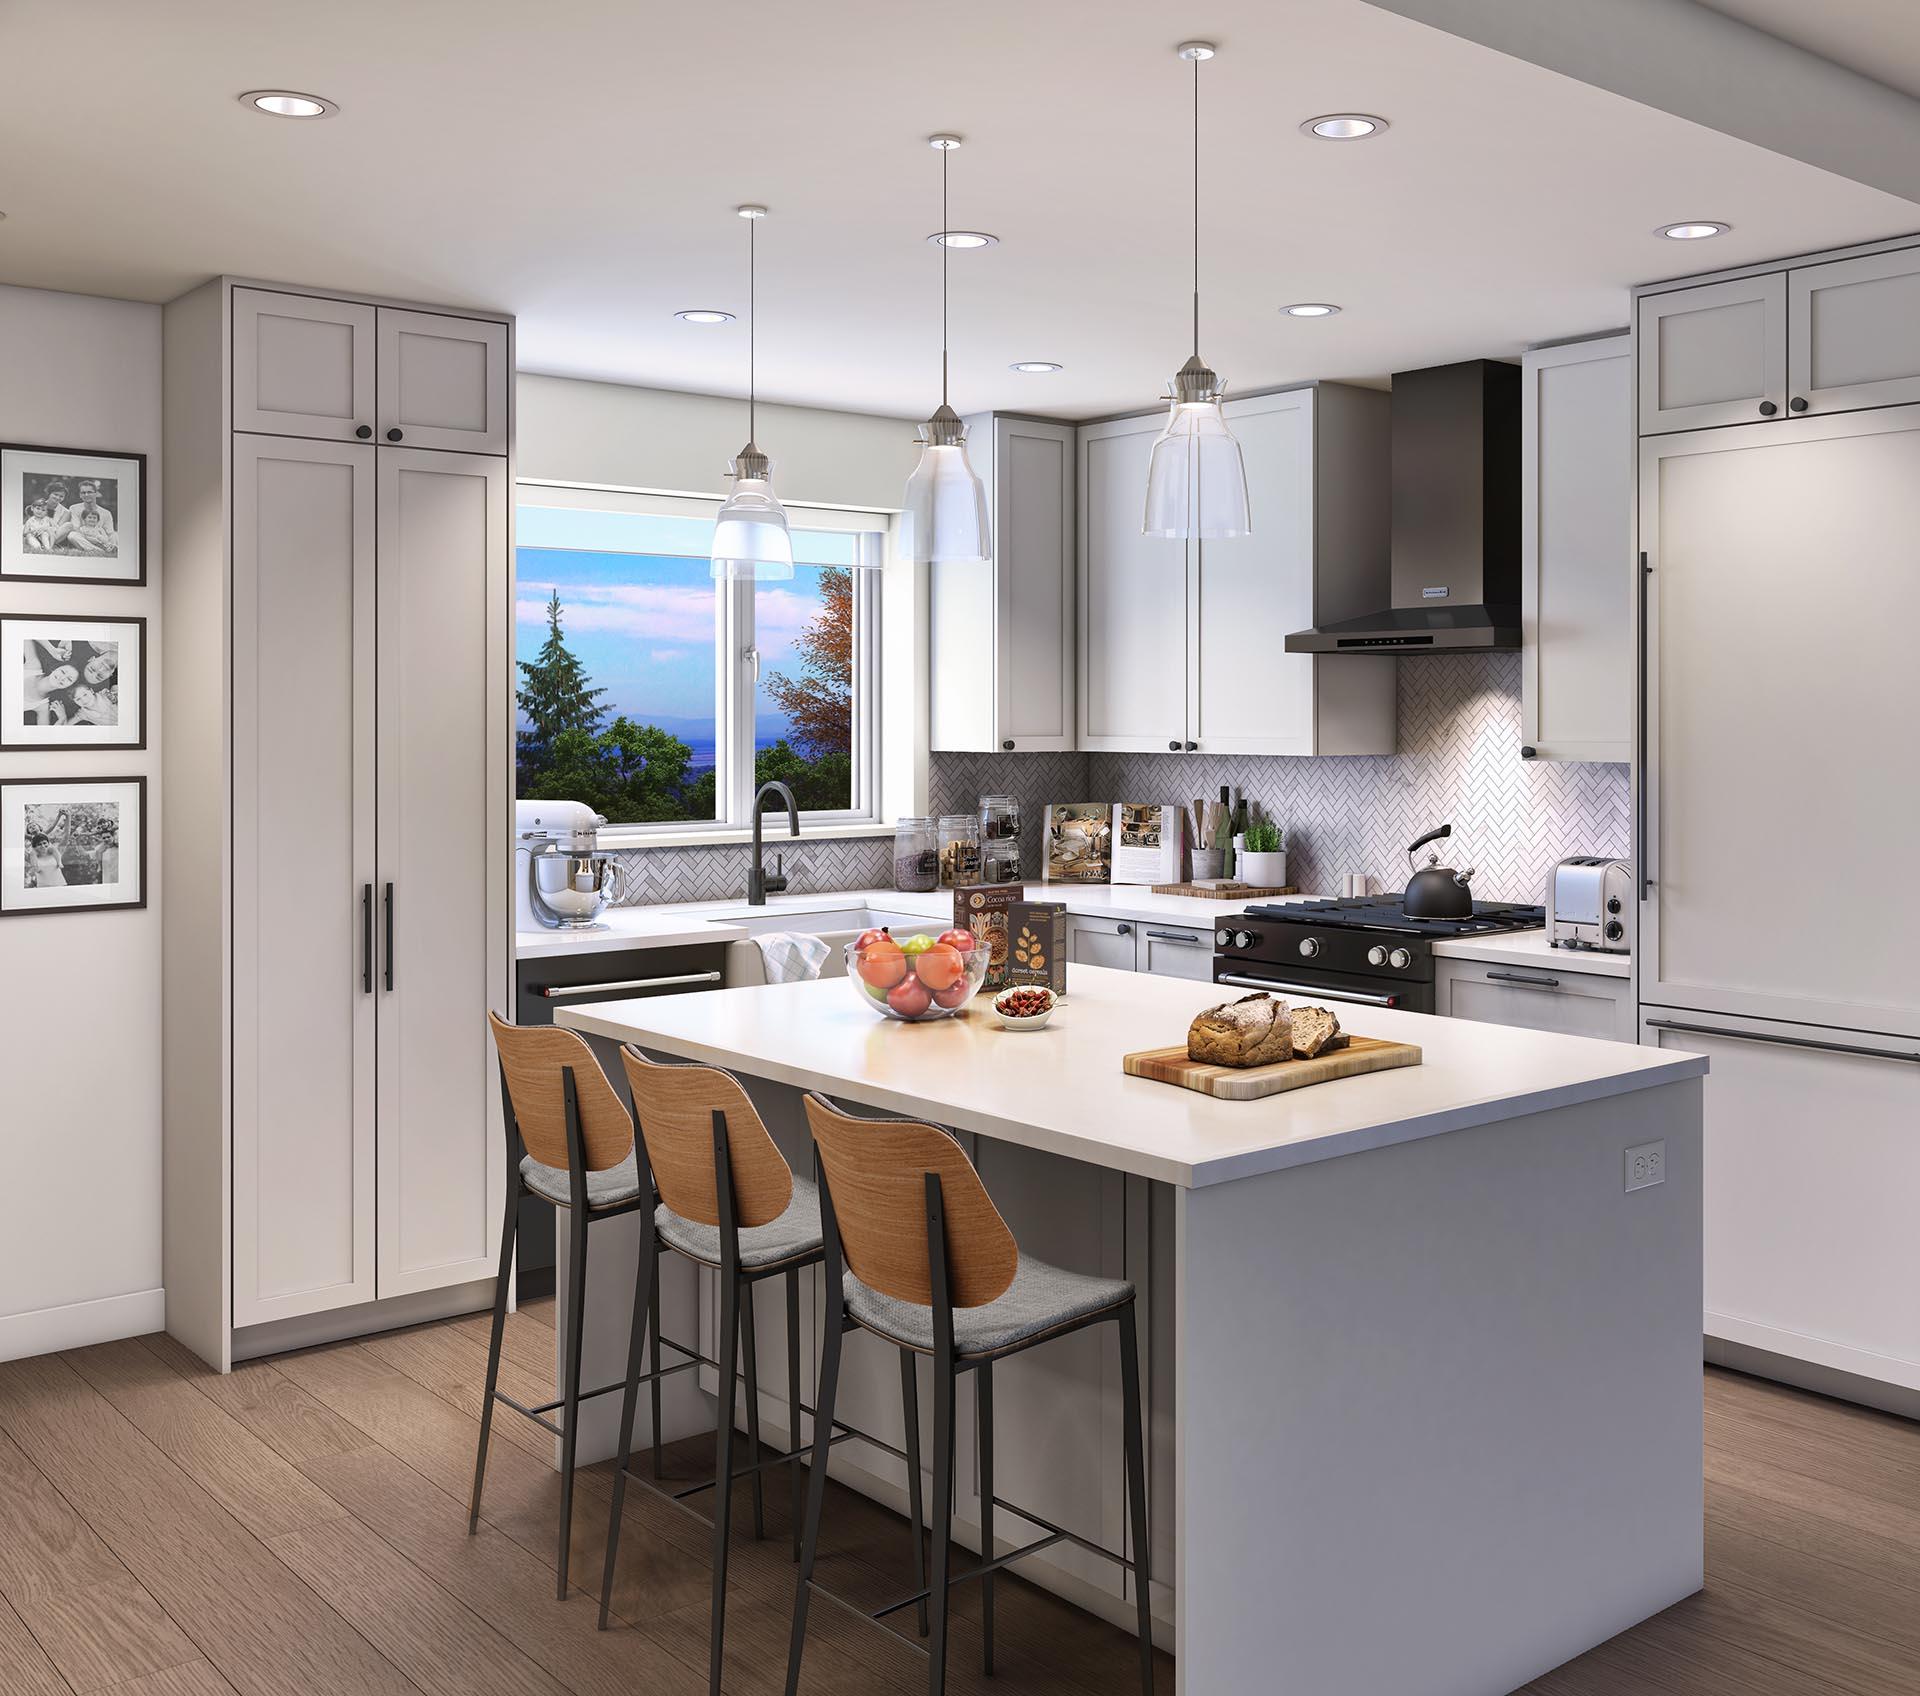 Roof deck duplex kitchen